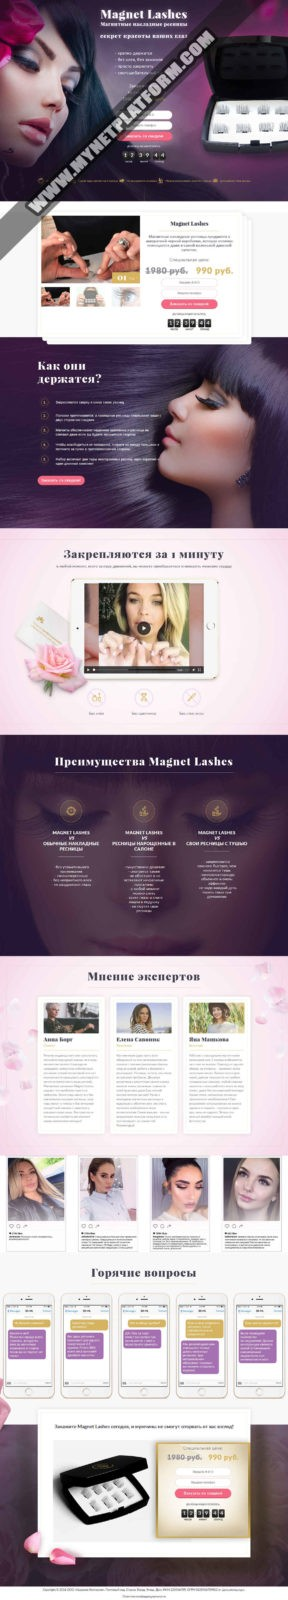 Скриншот Готового лендинга Magnet lashes - магнитные ресницы 001